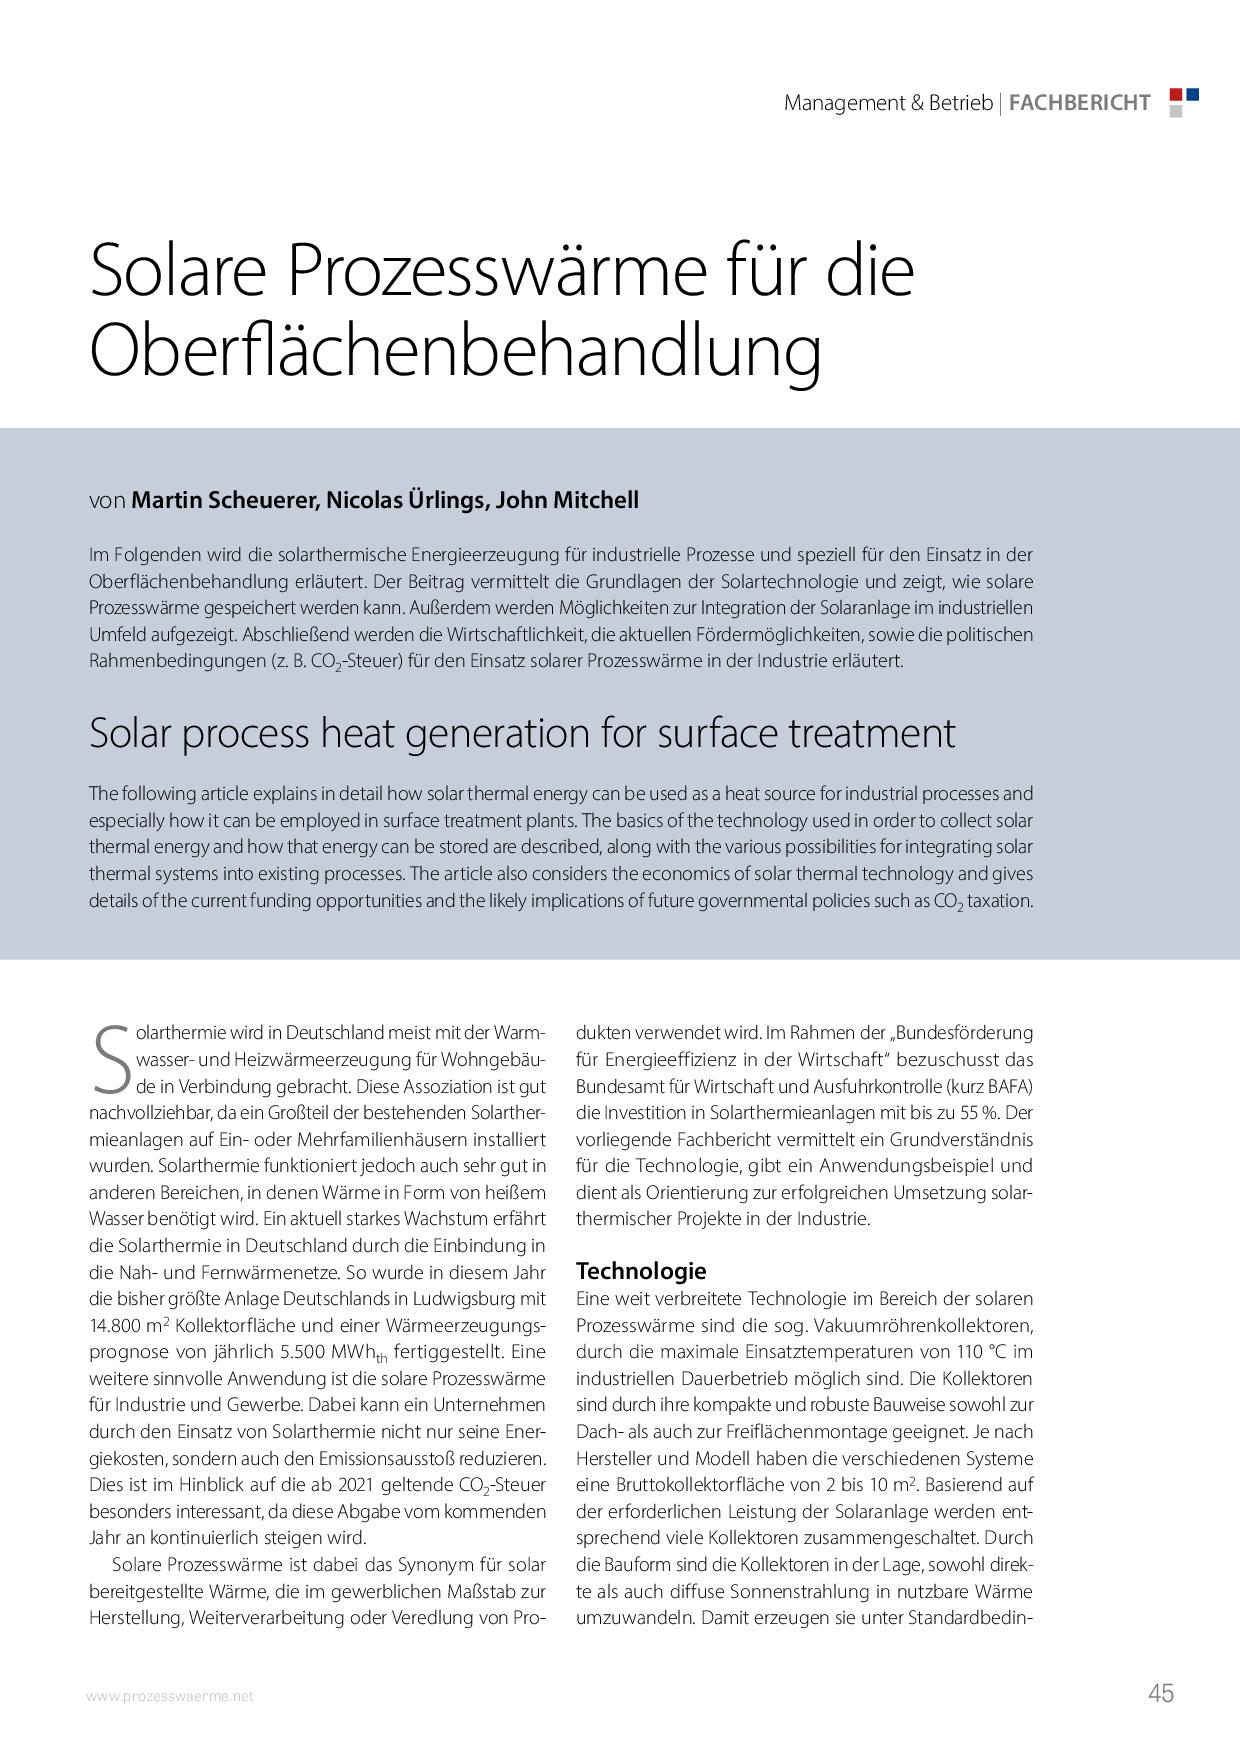 Solare Prozesswärme für die Oberflächenbehandlung